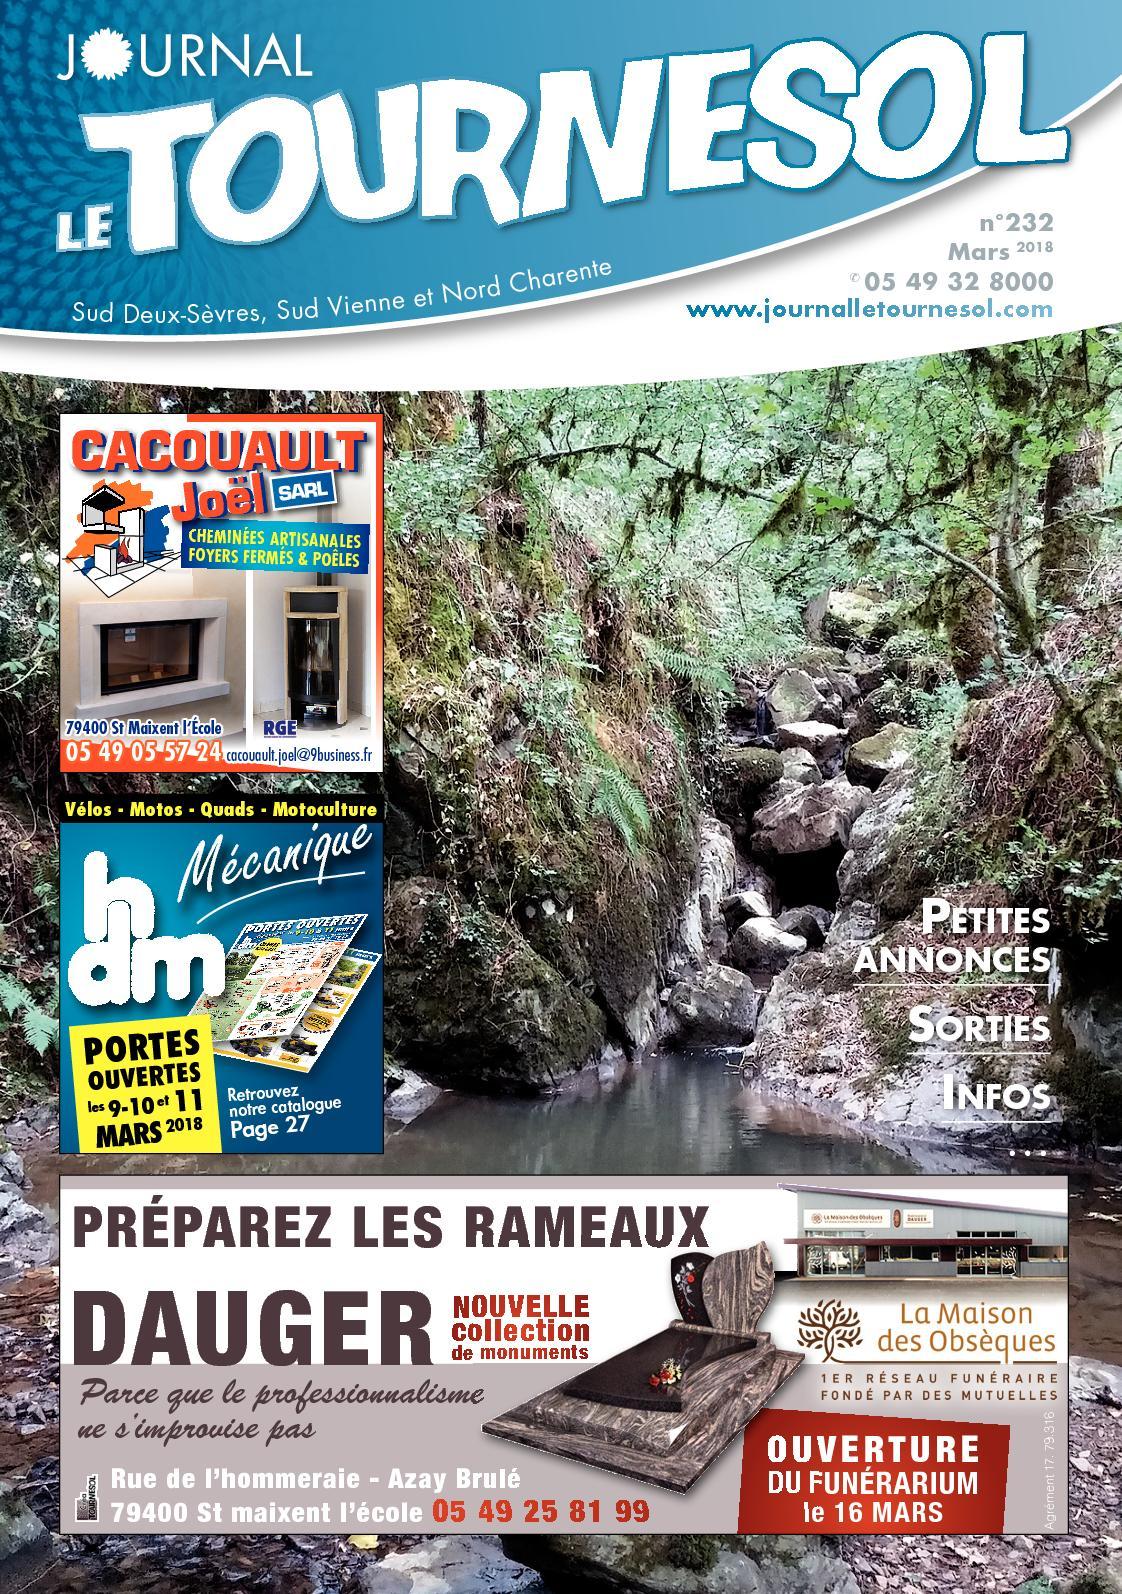 Salon De Jardin 10 Personnes Inspirant Calaméo Journal Le tournesol Mars 2018 Of 37 Best Of Salon De Jardin 10 Personnes